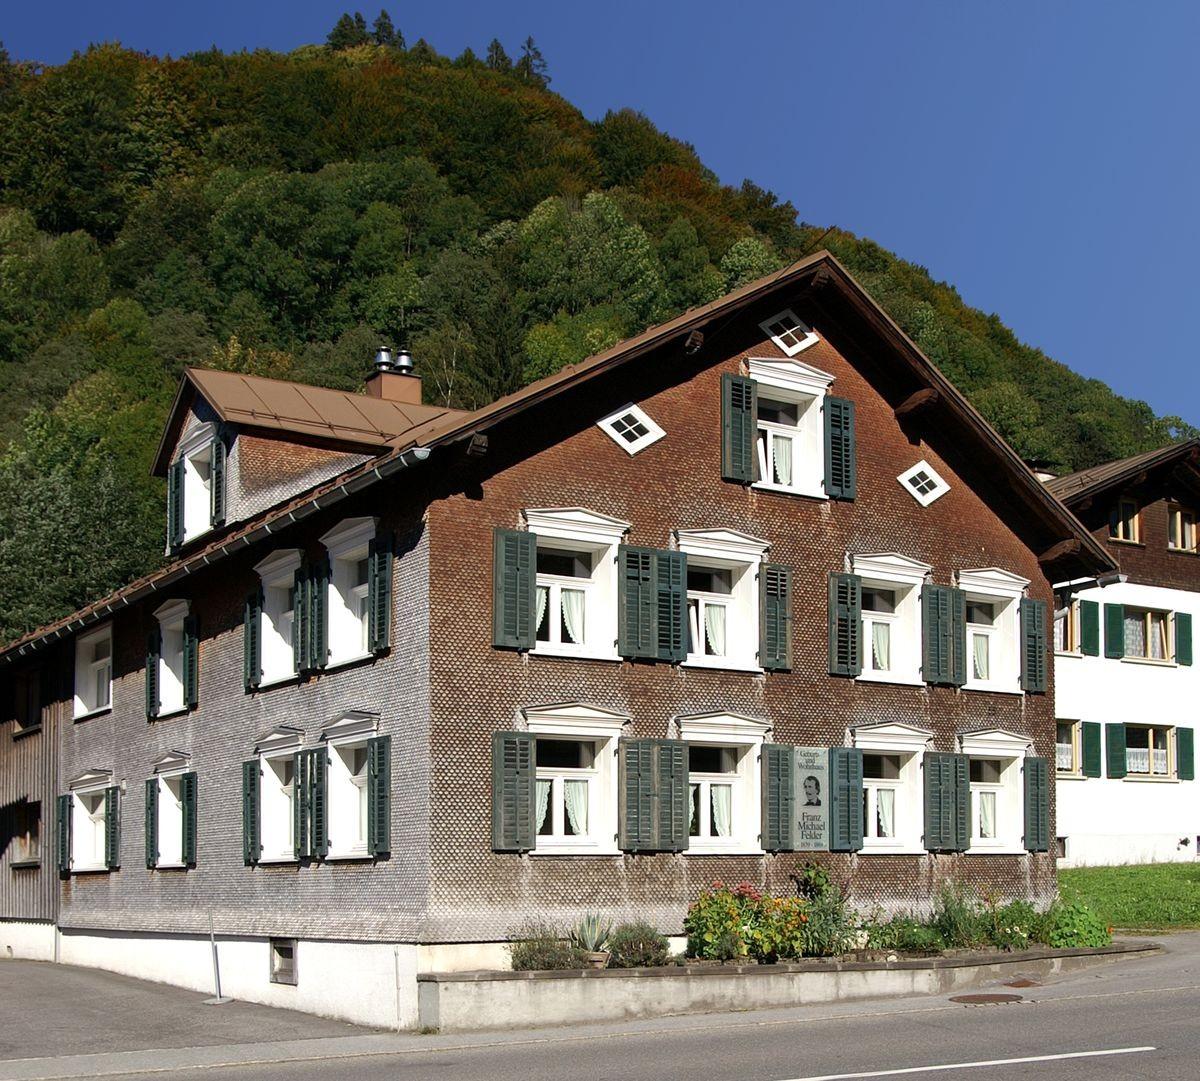 """Das Geburts- und Wohnhaus von F. M. Felder in Schoppernau. Aufnahme von Elmar Bereuter, dem Autor des biografischen Romans """"Felder's Traum""""."""